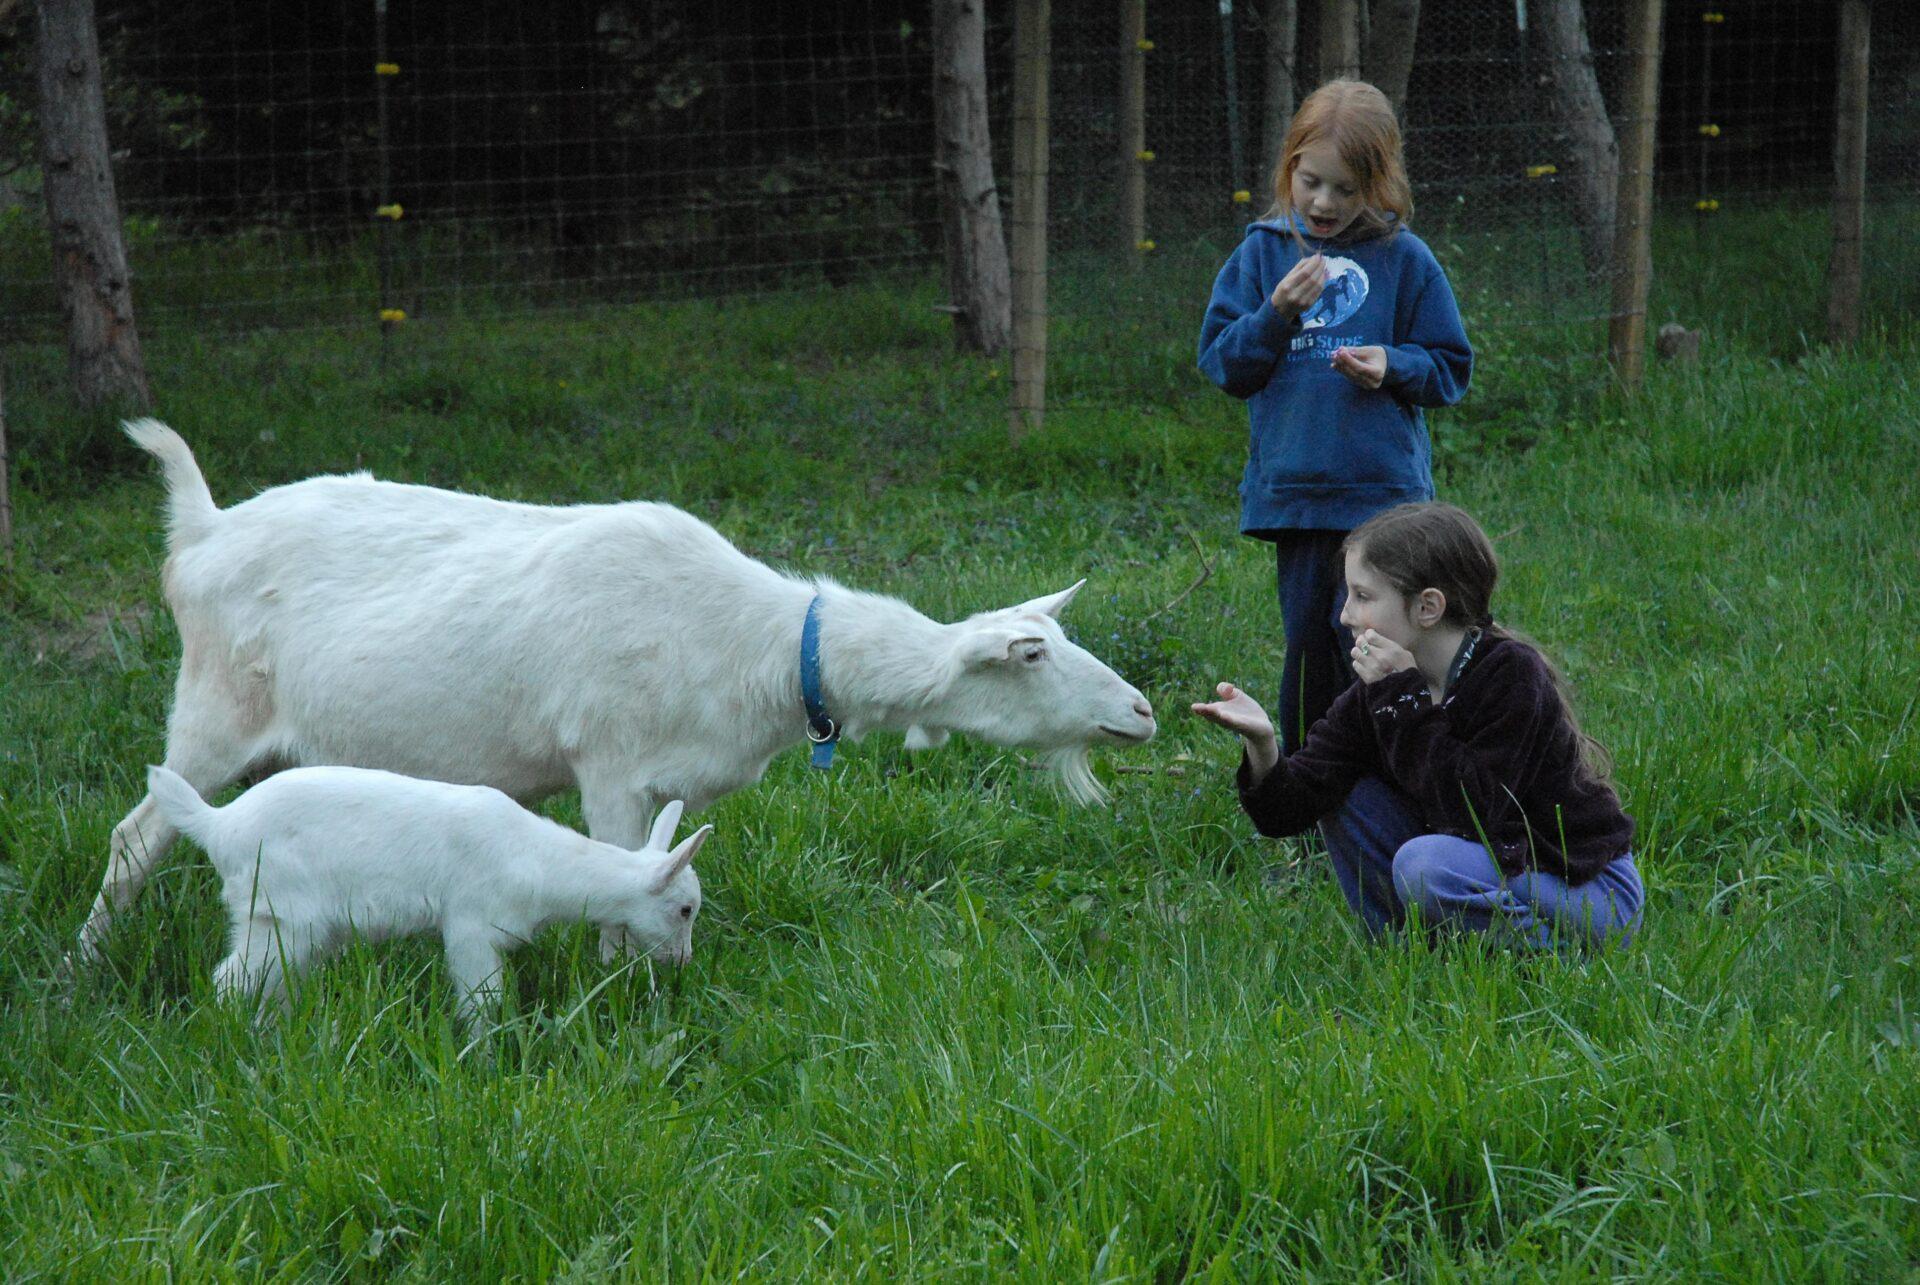 Goats-Emma-Elliot-Farm-Liberty-Indiana-2006 (15 of 18)